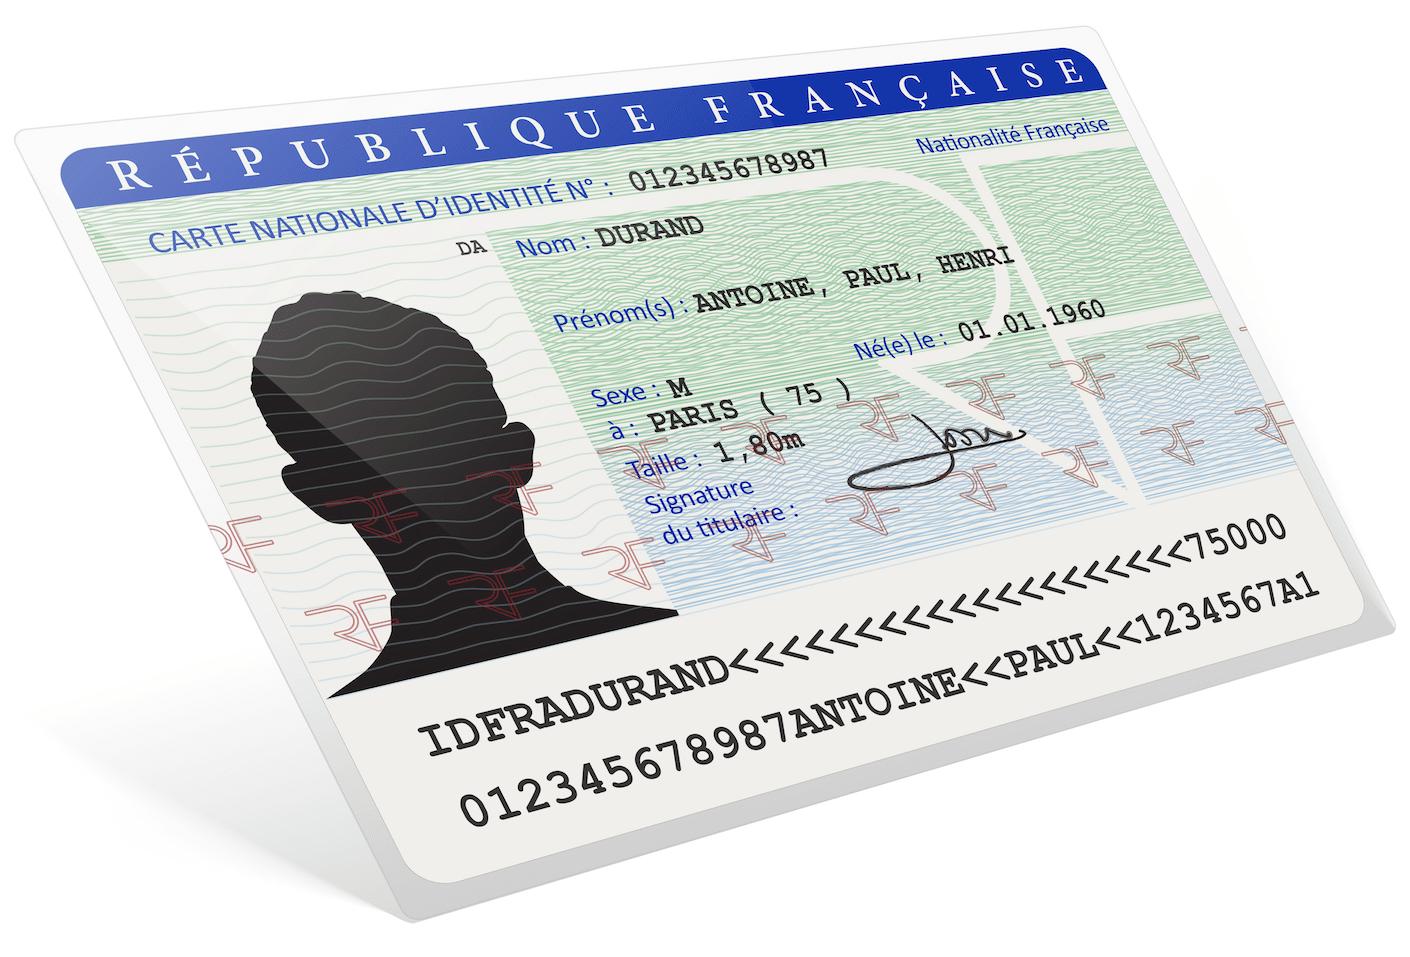 carte d'identité - séjour à Budapest